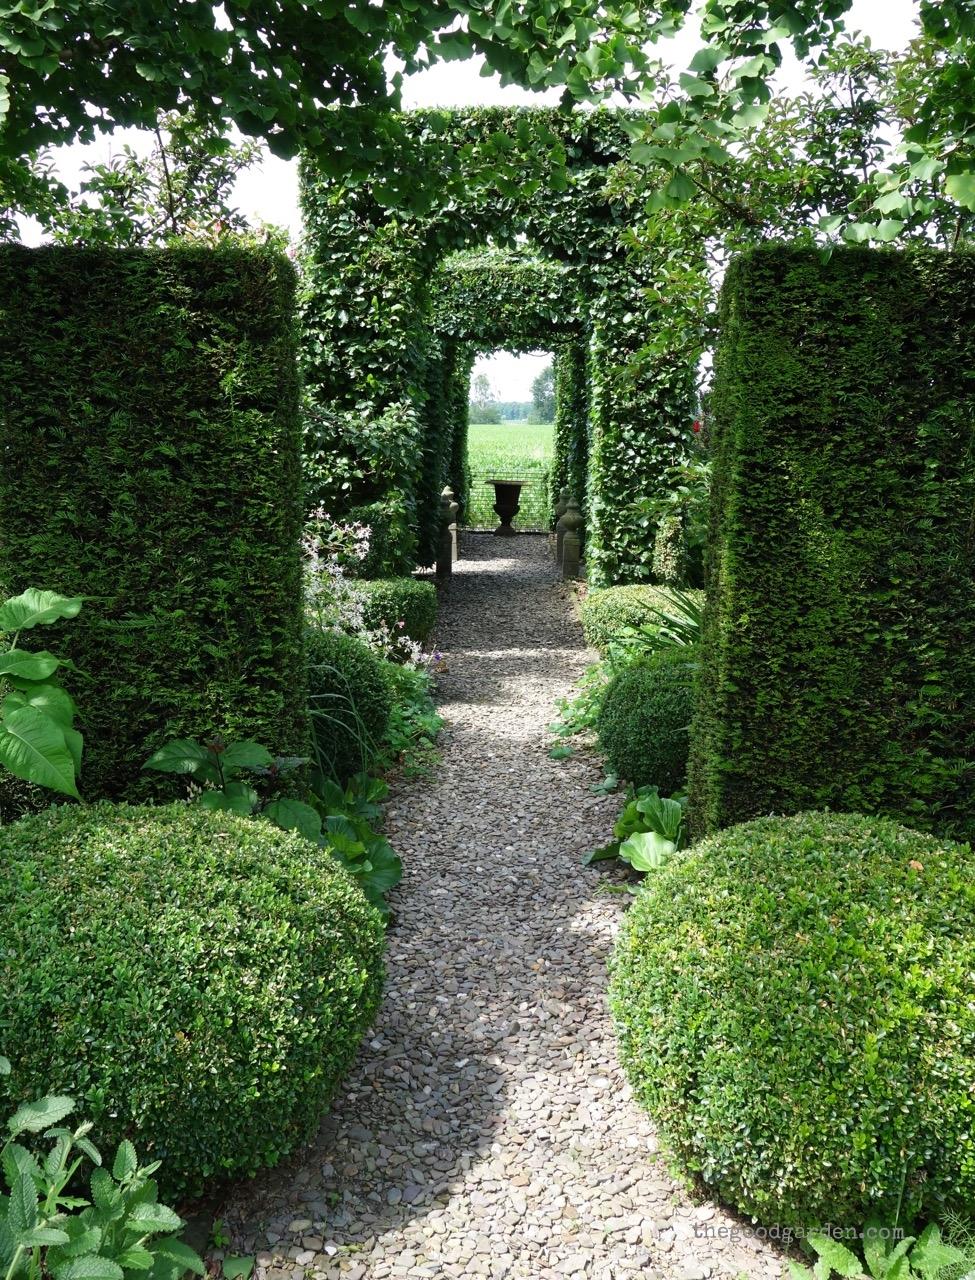 thegoodgarden|tuinzondernaam|netherlands|576.jpg